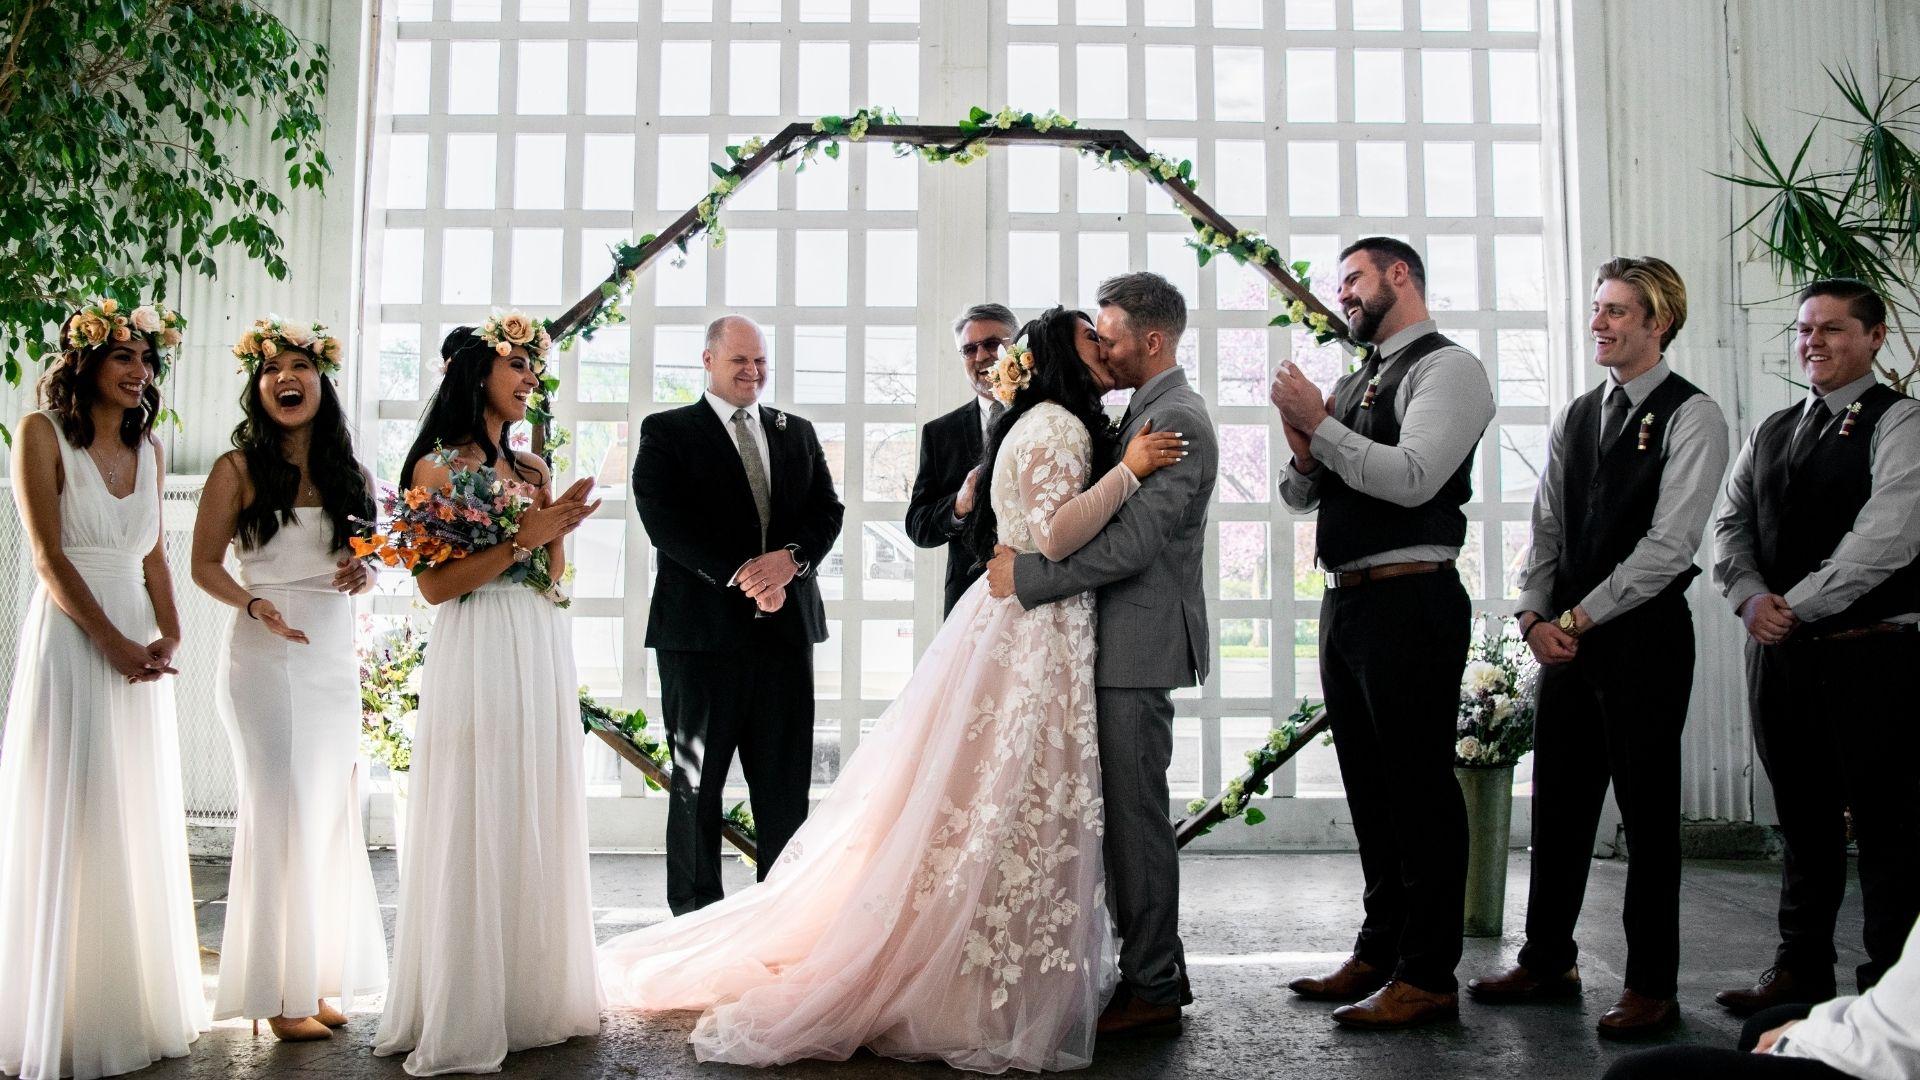 Aniversario de bodas nombres, cómo celebrarlos y qué regalar